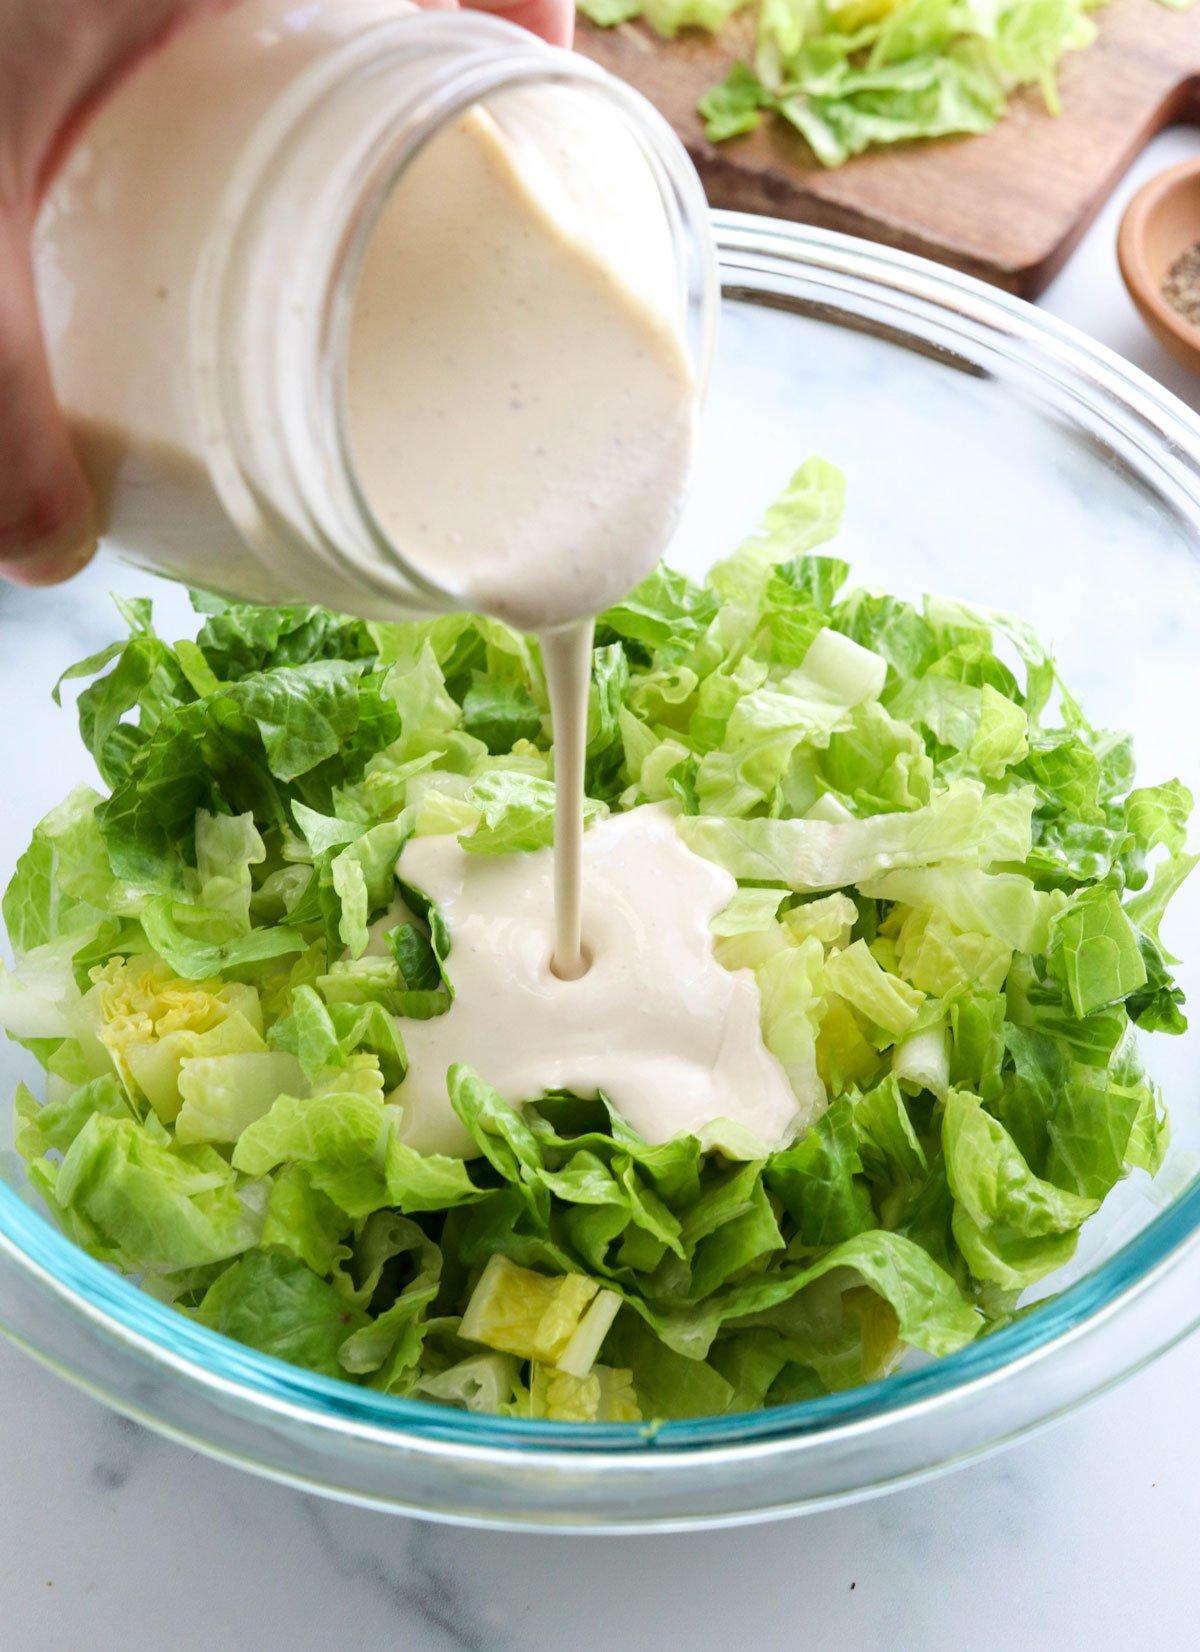 vegan caesar dressing poured on bowl of lettuce